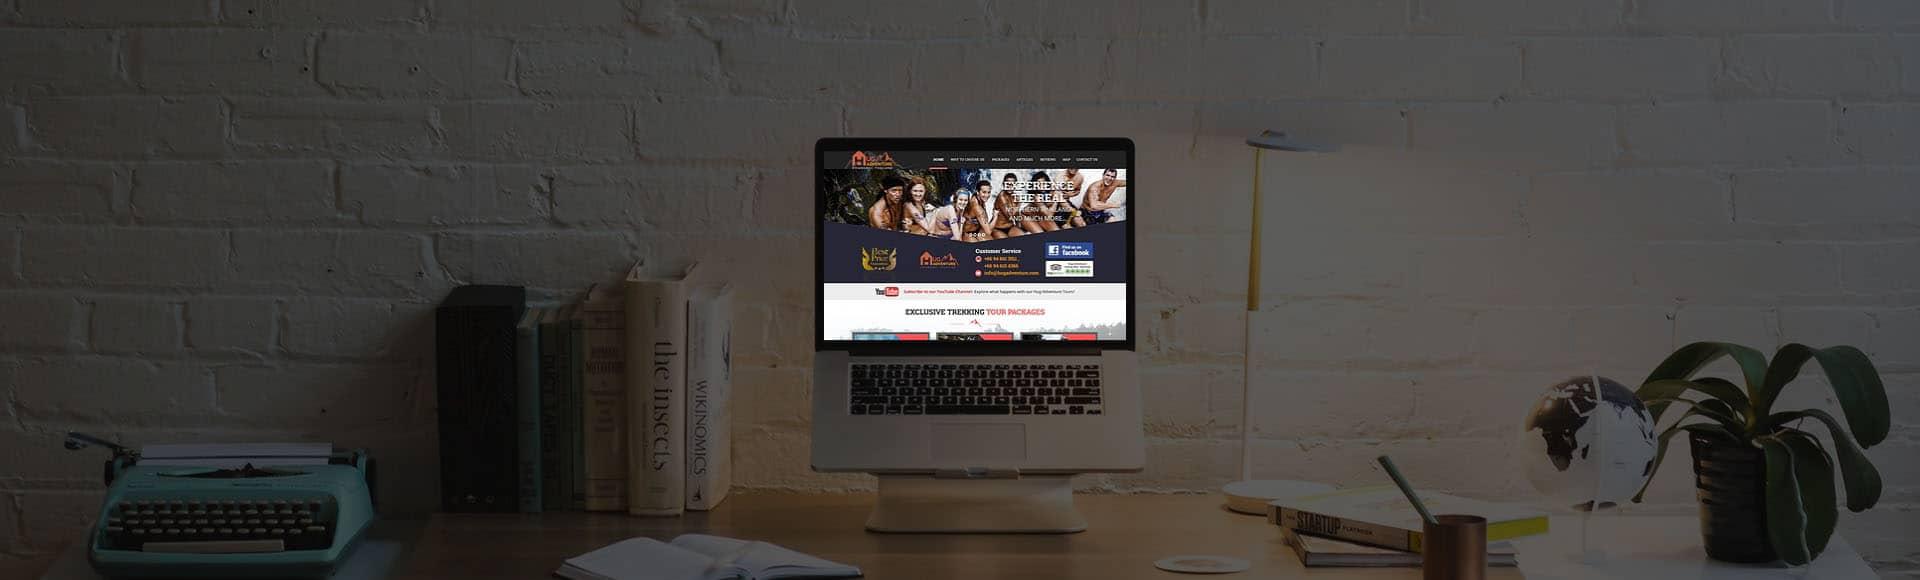 เว็บไซต์ธุรกิจท่องเที่ยวเชียงใหม่ | รับทำเว็บไซต์สำหรับธุรกิจท่องเที่ยว